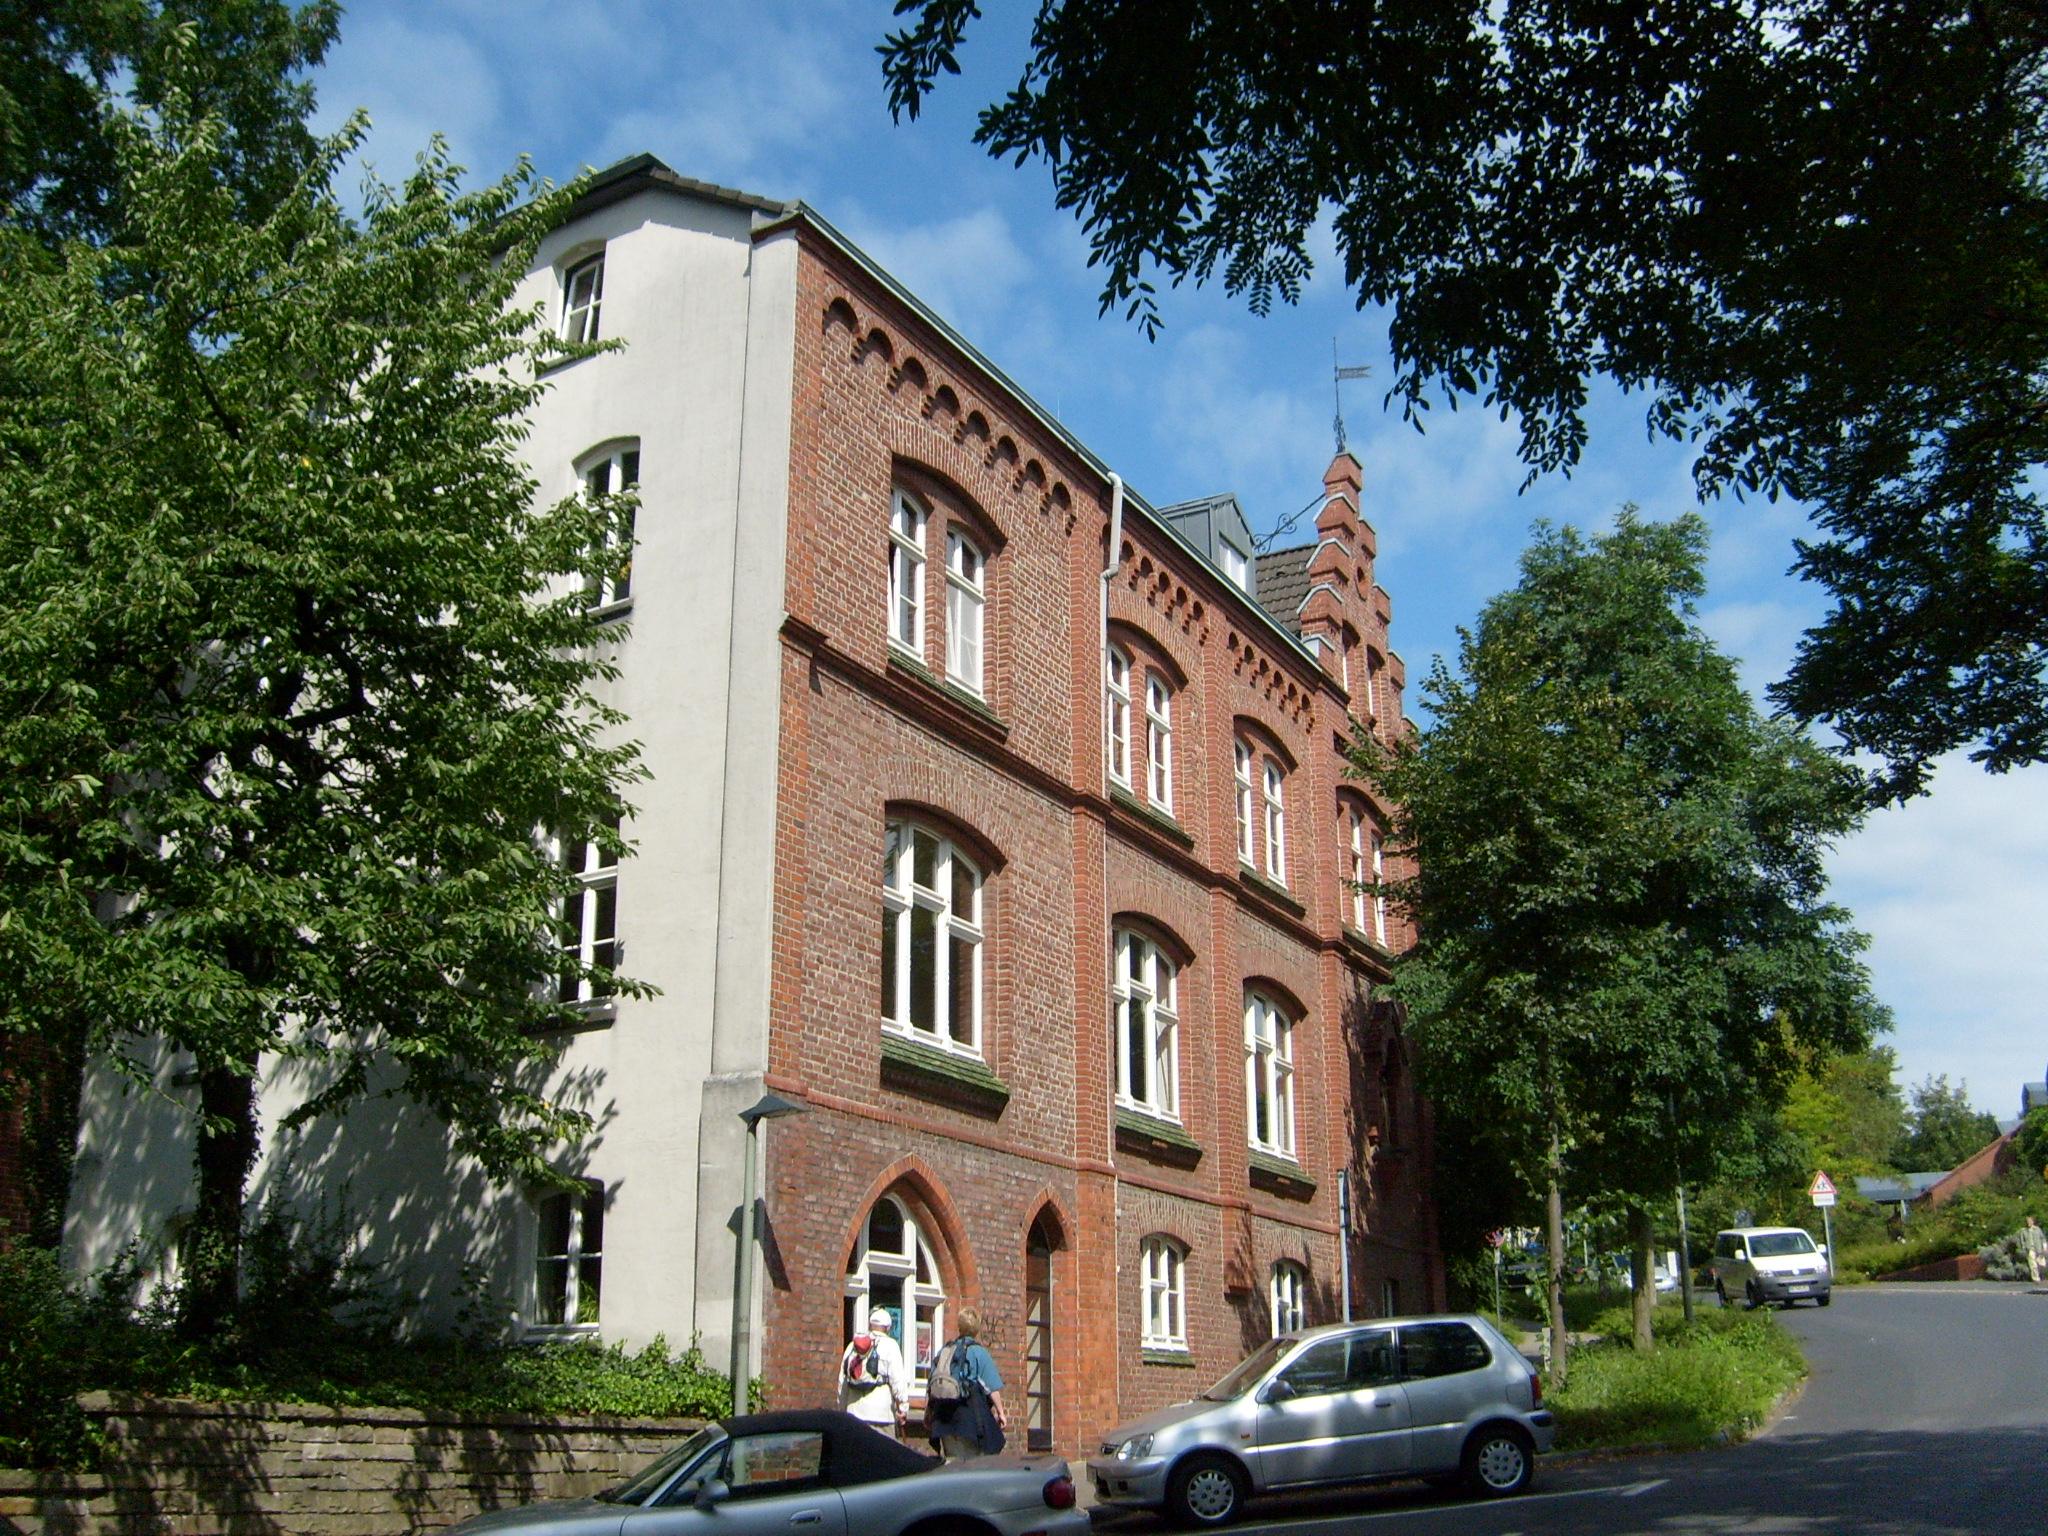 Franziskus-Haus - Katholische Kirchengemeinde Hochdahl